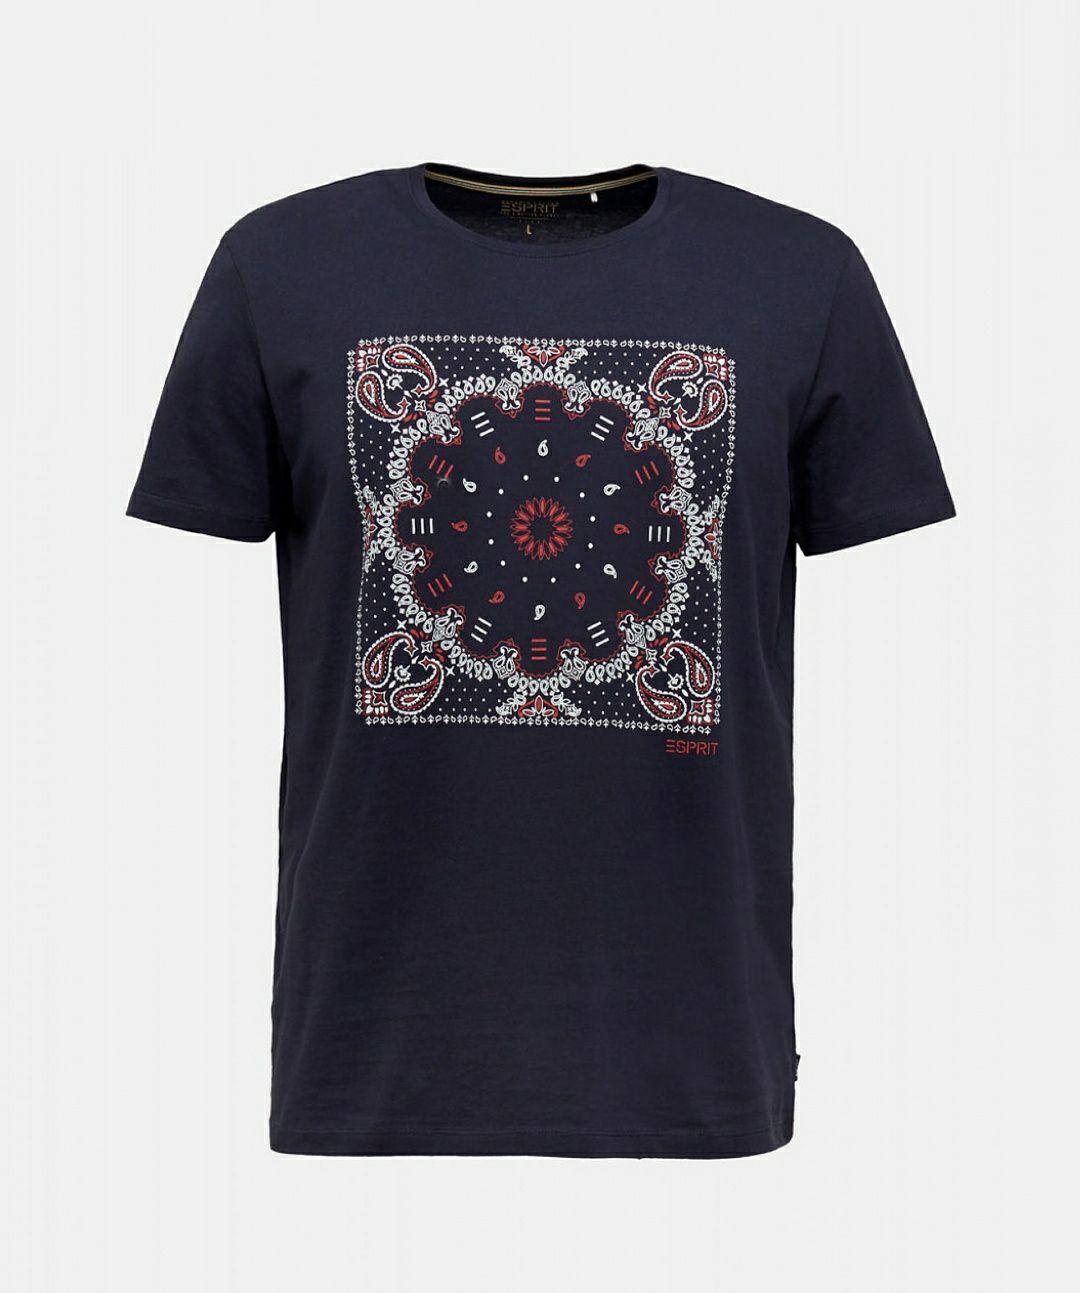 Esprit heren t-shirt met bandanaprint navy